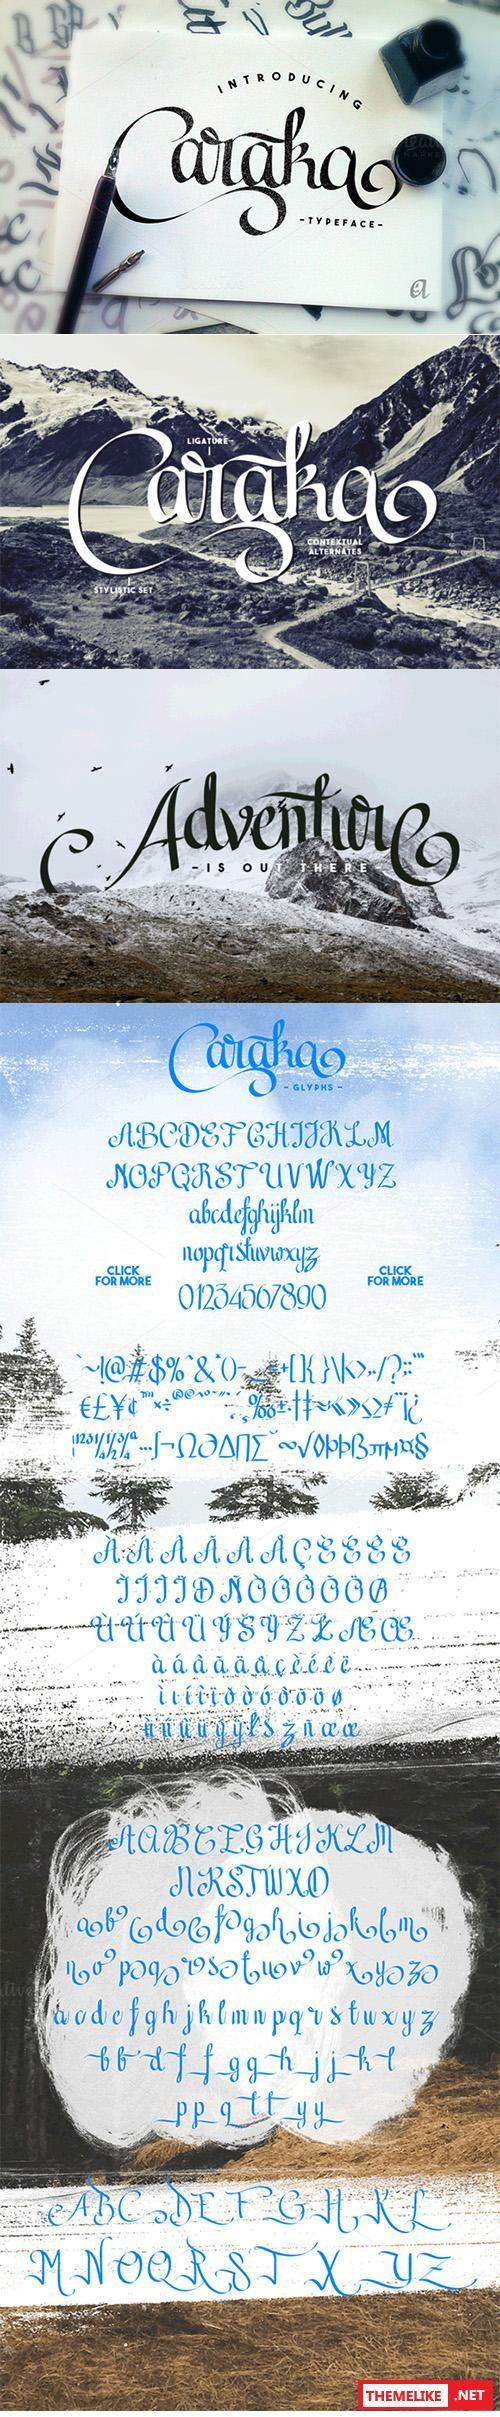 Caraka Font 266 best tipogrfia images on